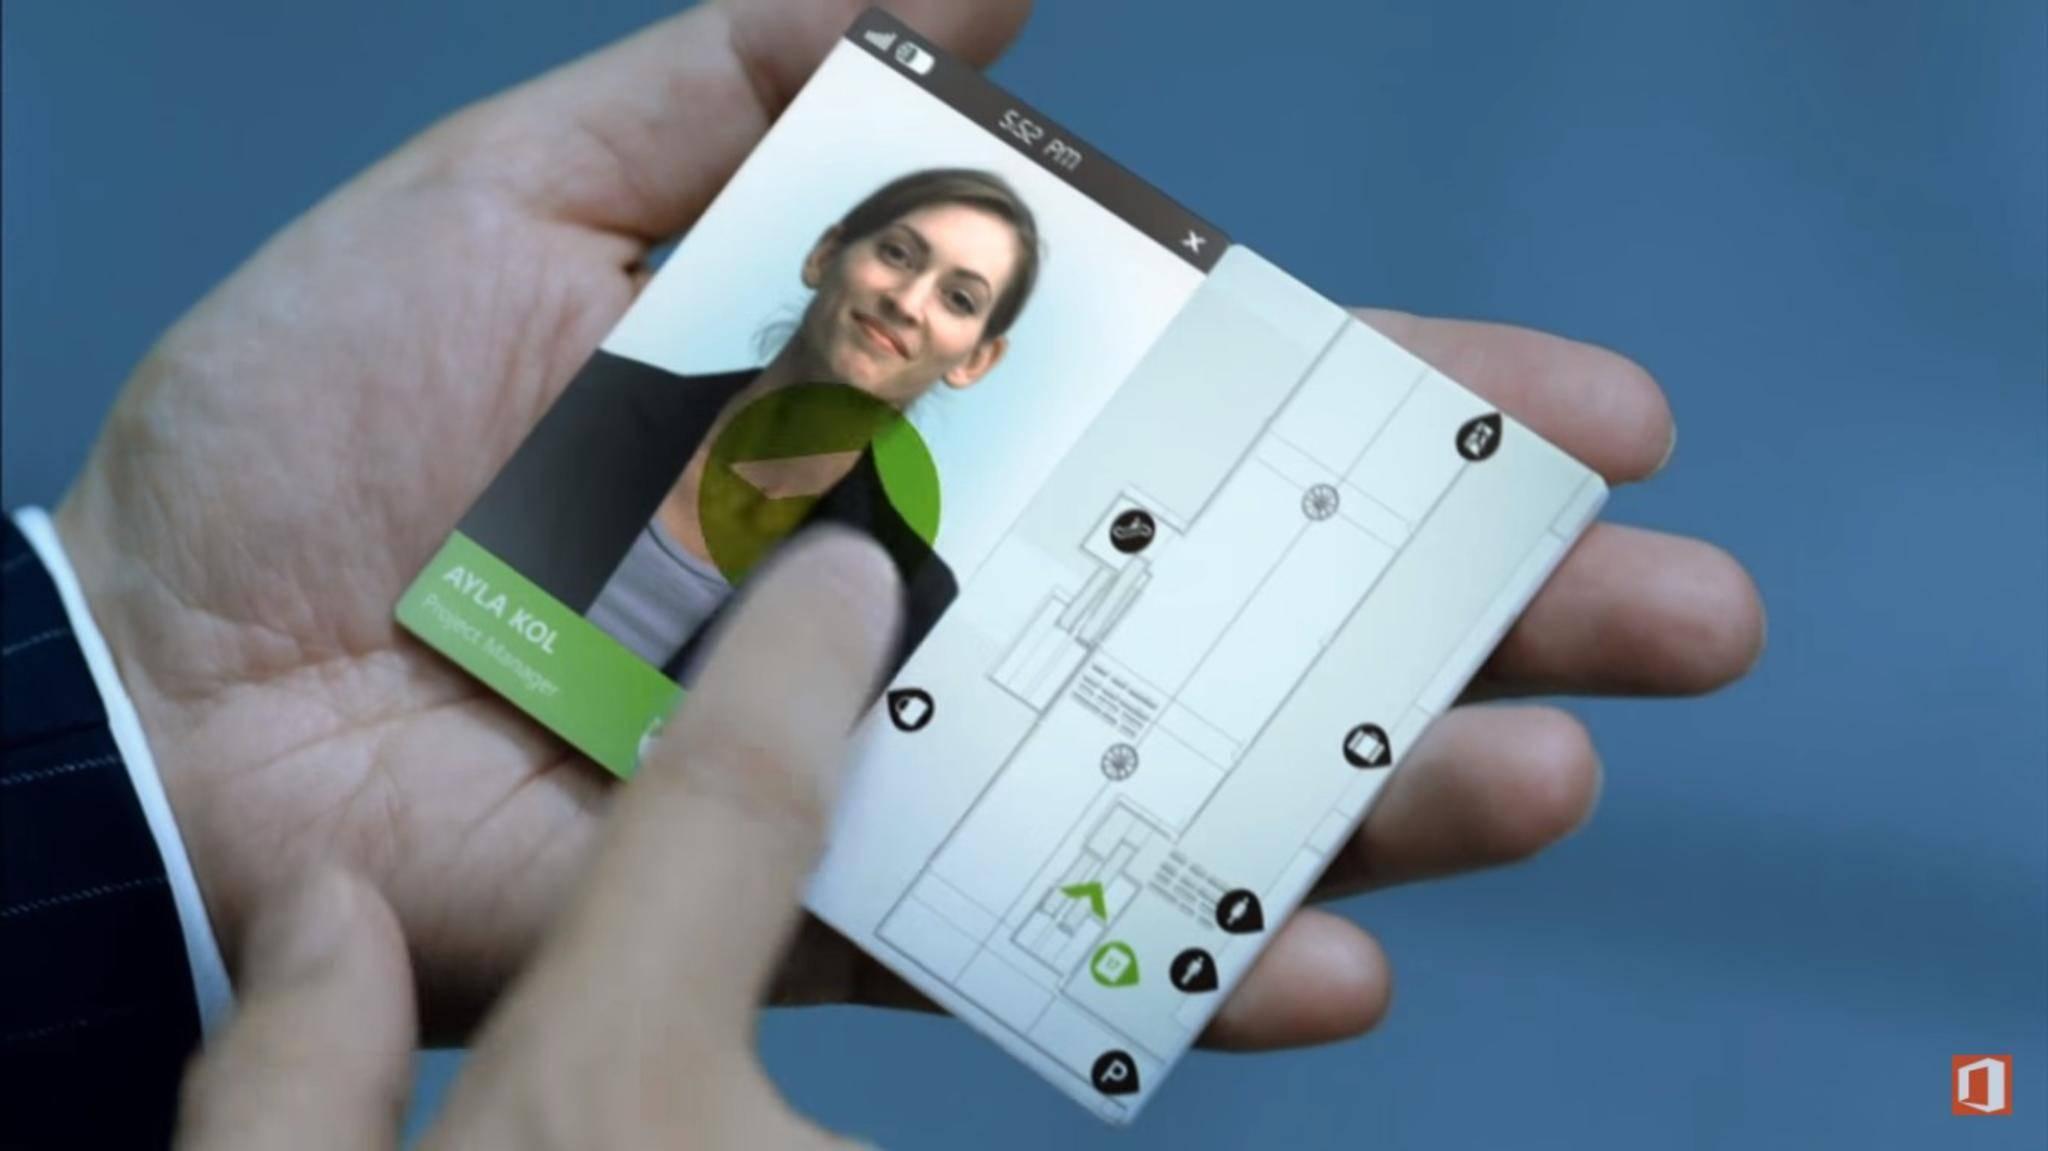 Bereits im Jahr 2009 veröffentlichte Microsoft ein Konzeptvideo von einem faltbaren Smartphone.